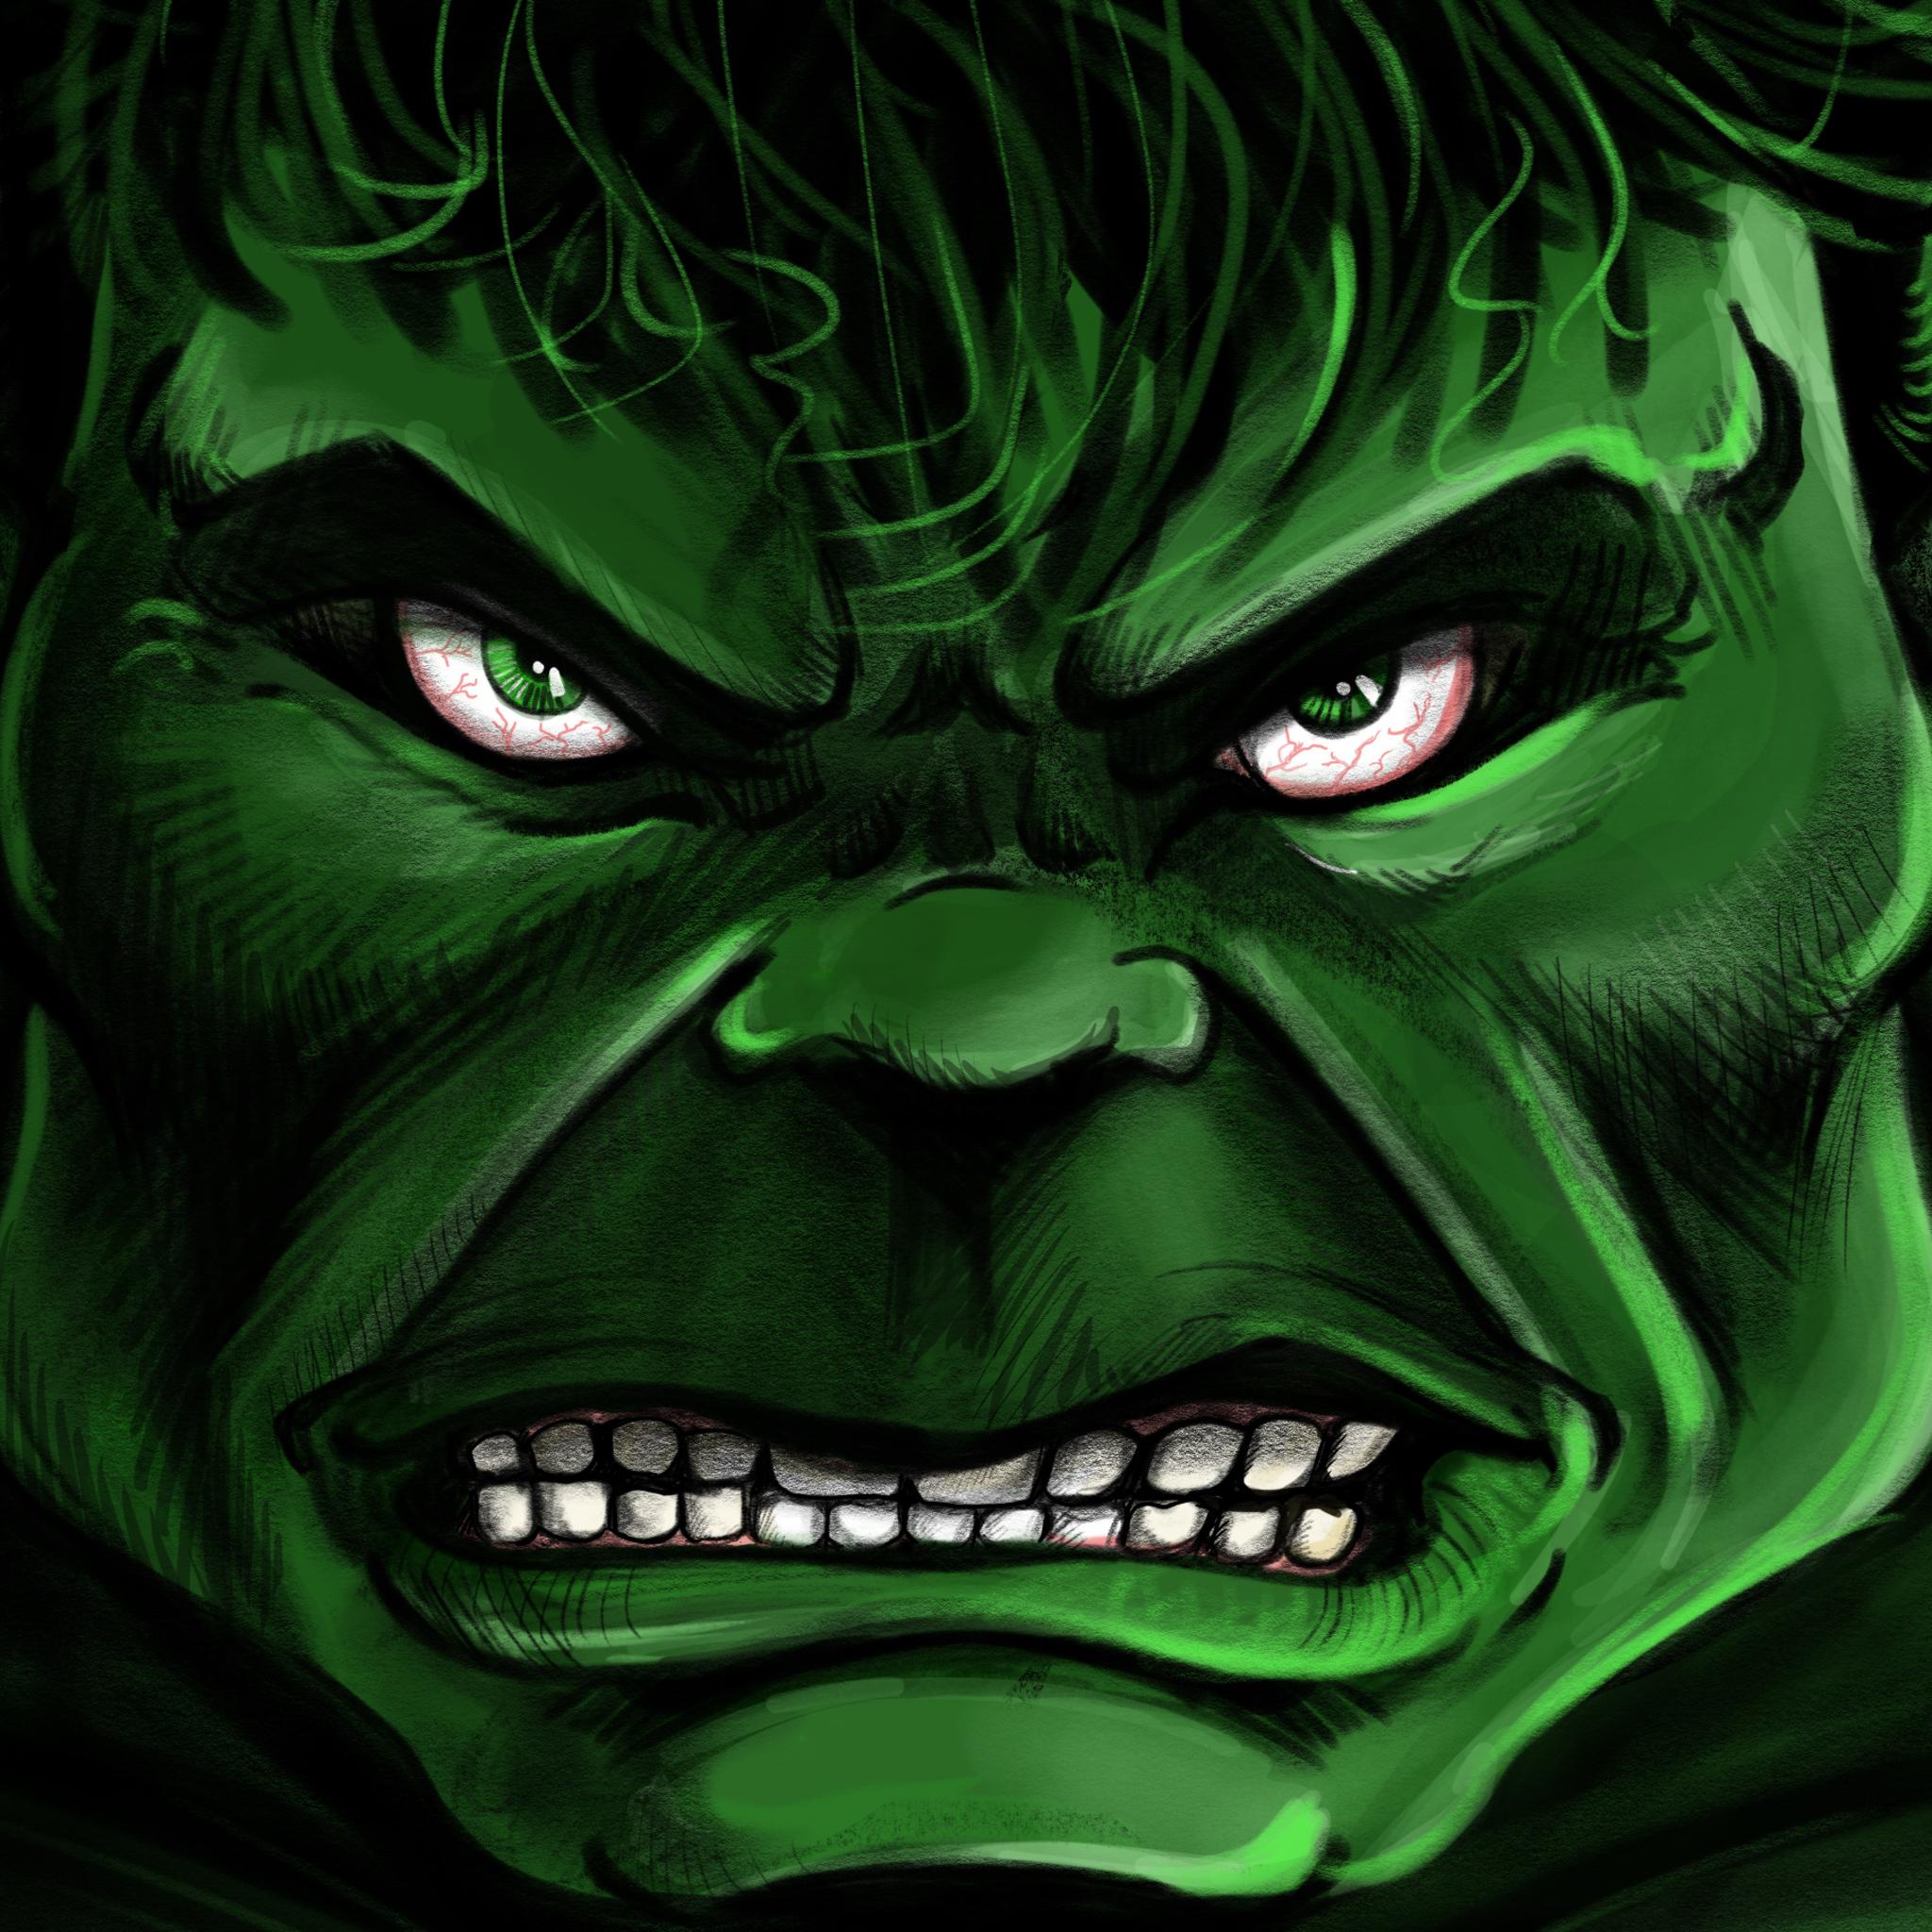 2048x2048 Angry Hulk 4k Ipad Air Hd 4k Wallpapers Images